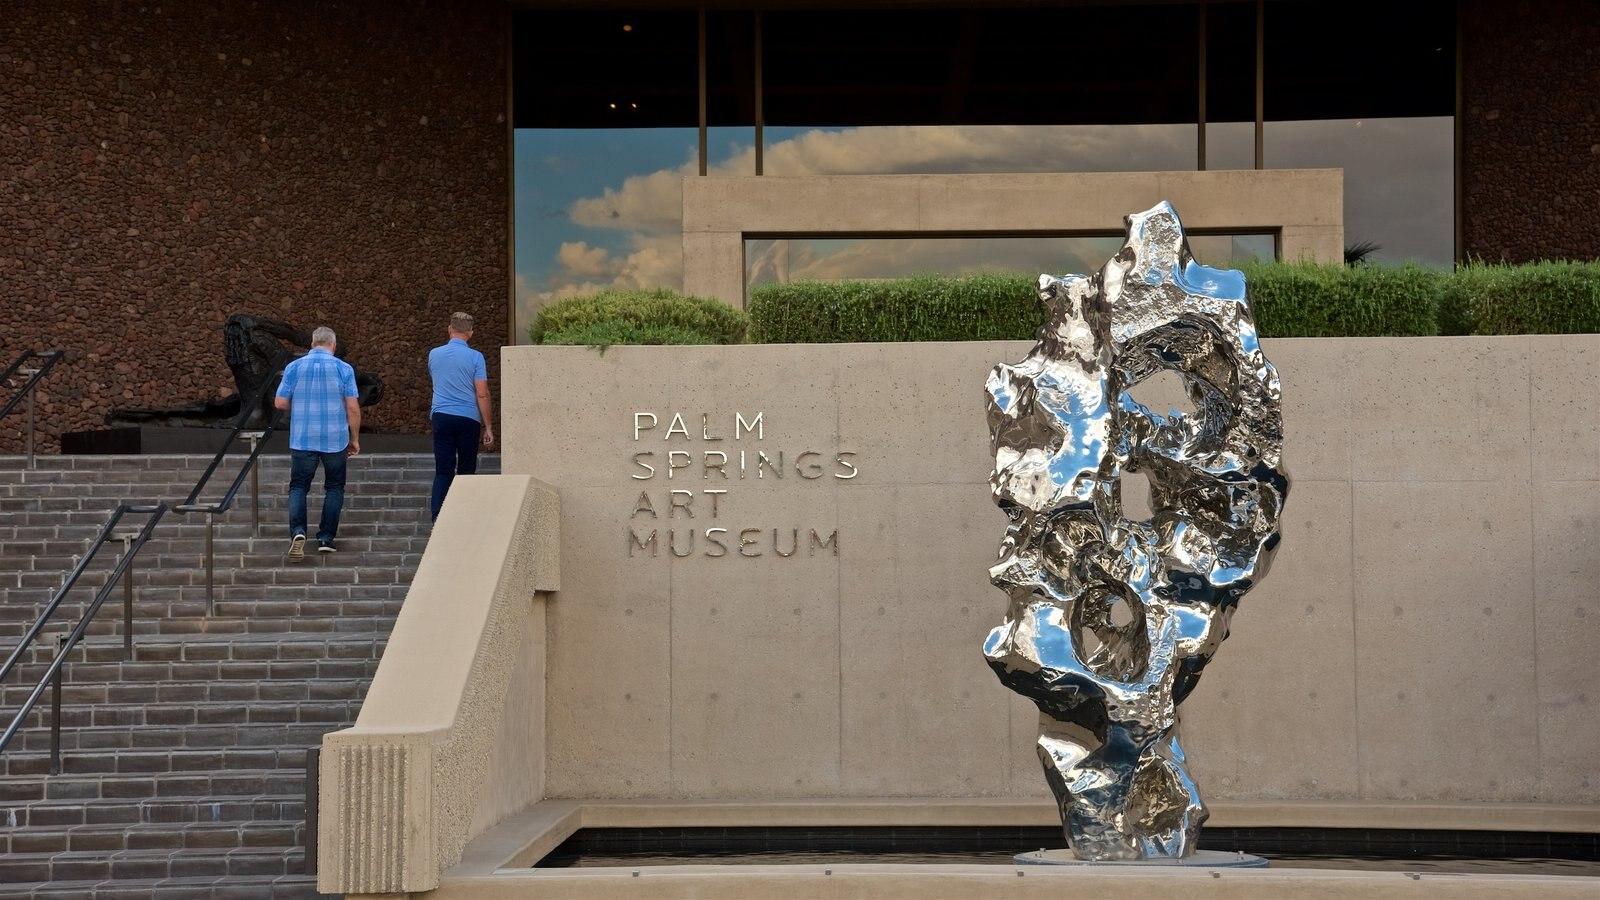 Palm Springs Art Museum caracterizando arte ao ar livre